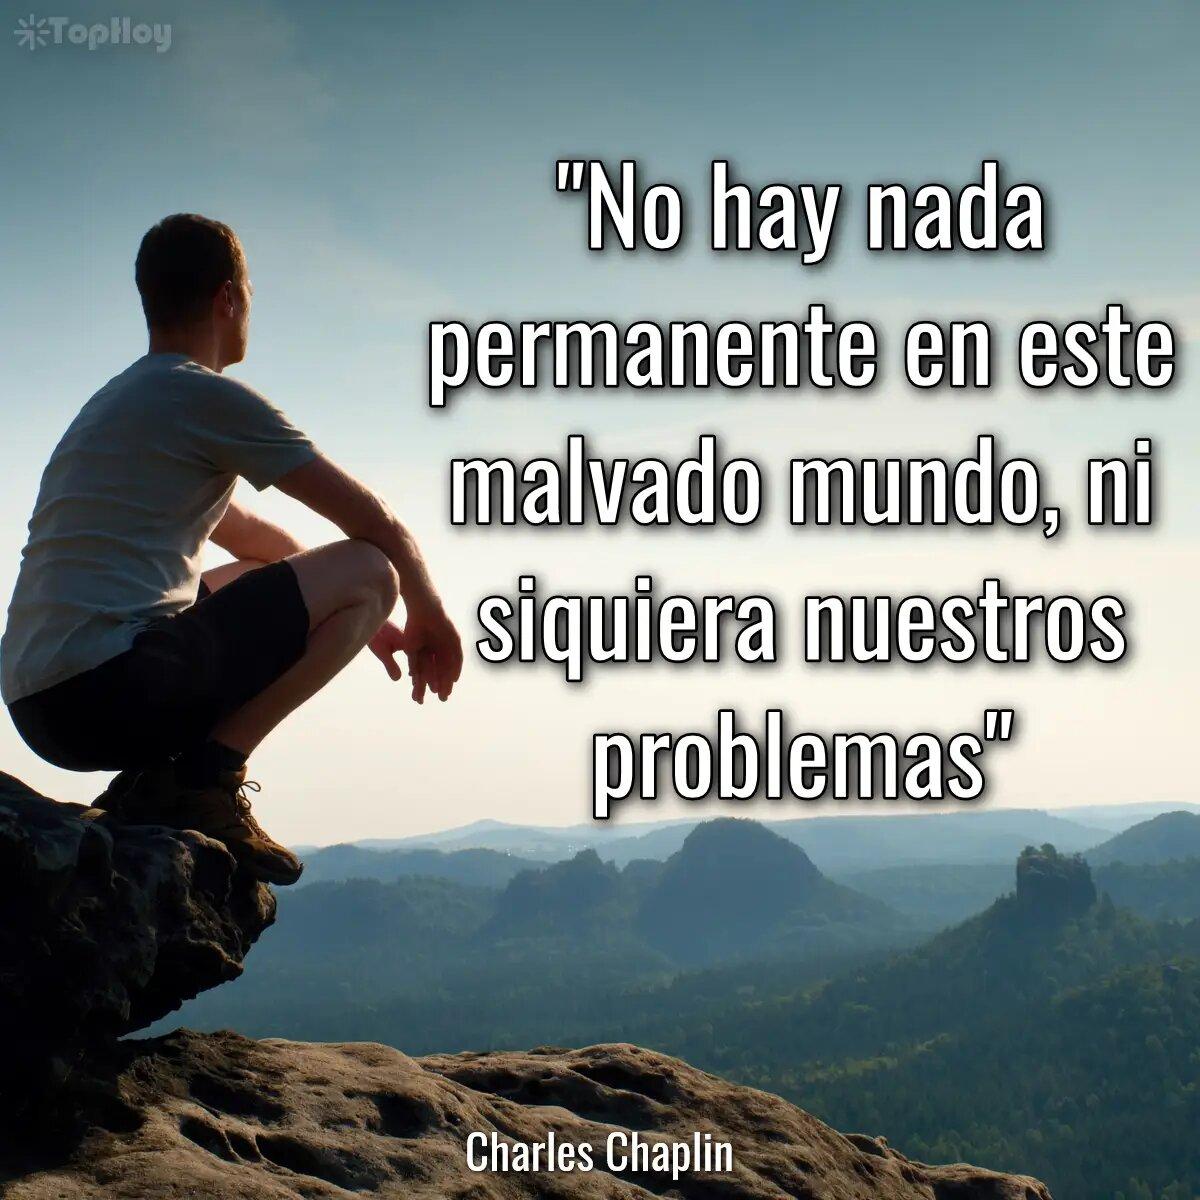 No hay nada permanente en este malvado mundo, ni siquiera nuestros problemas.